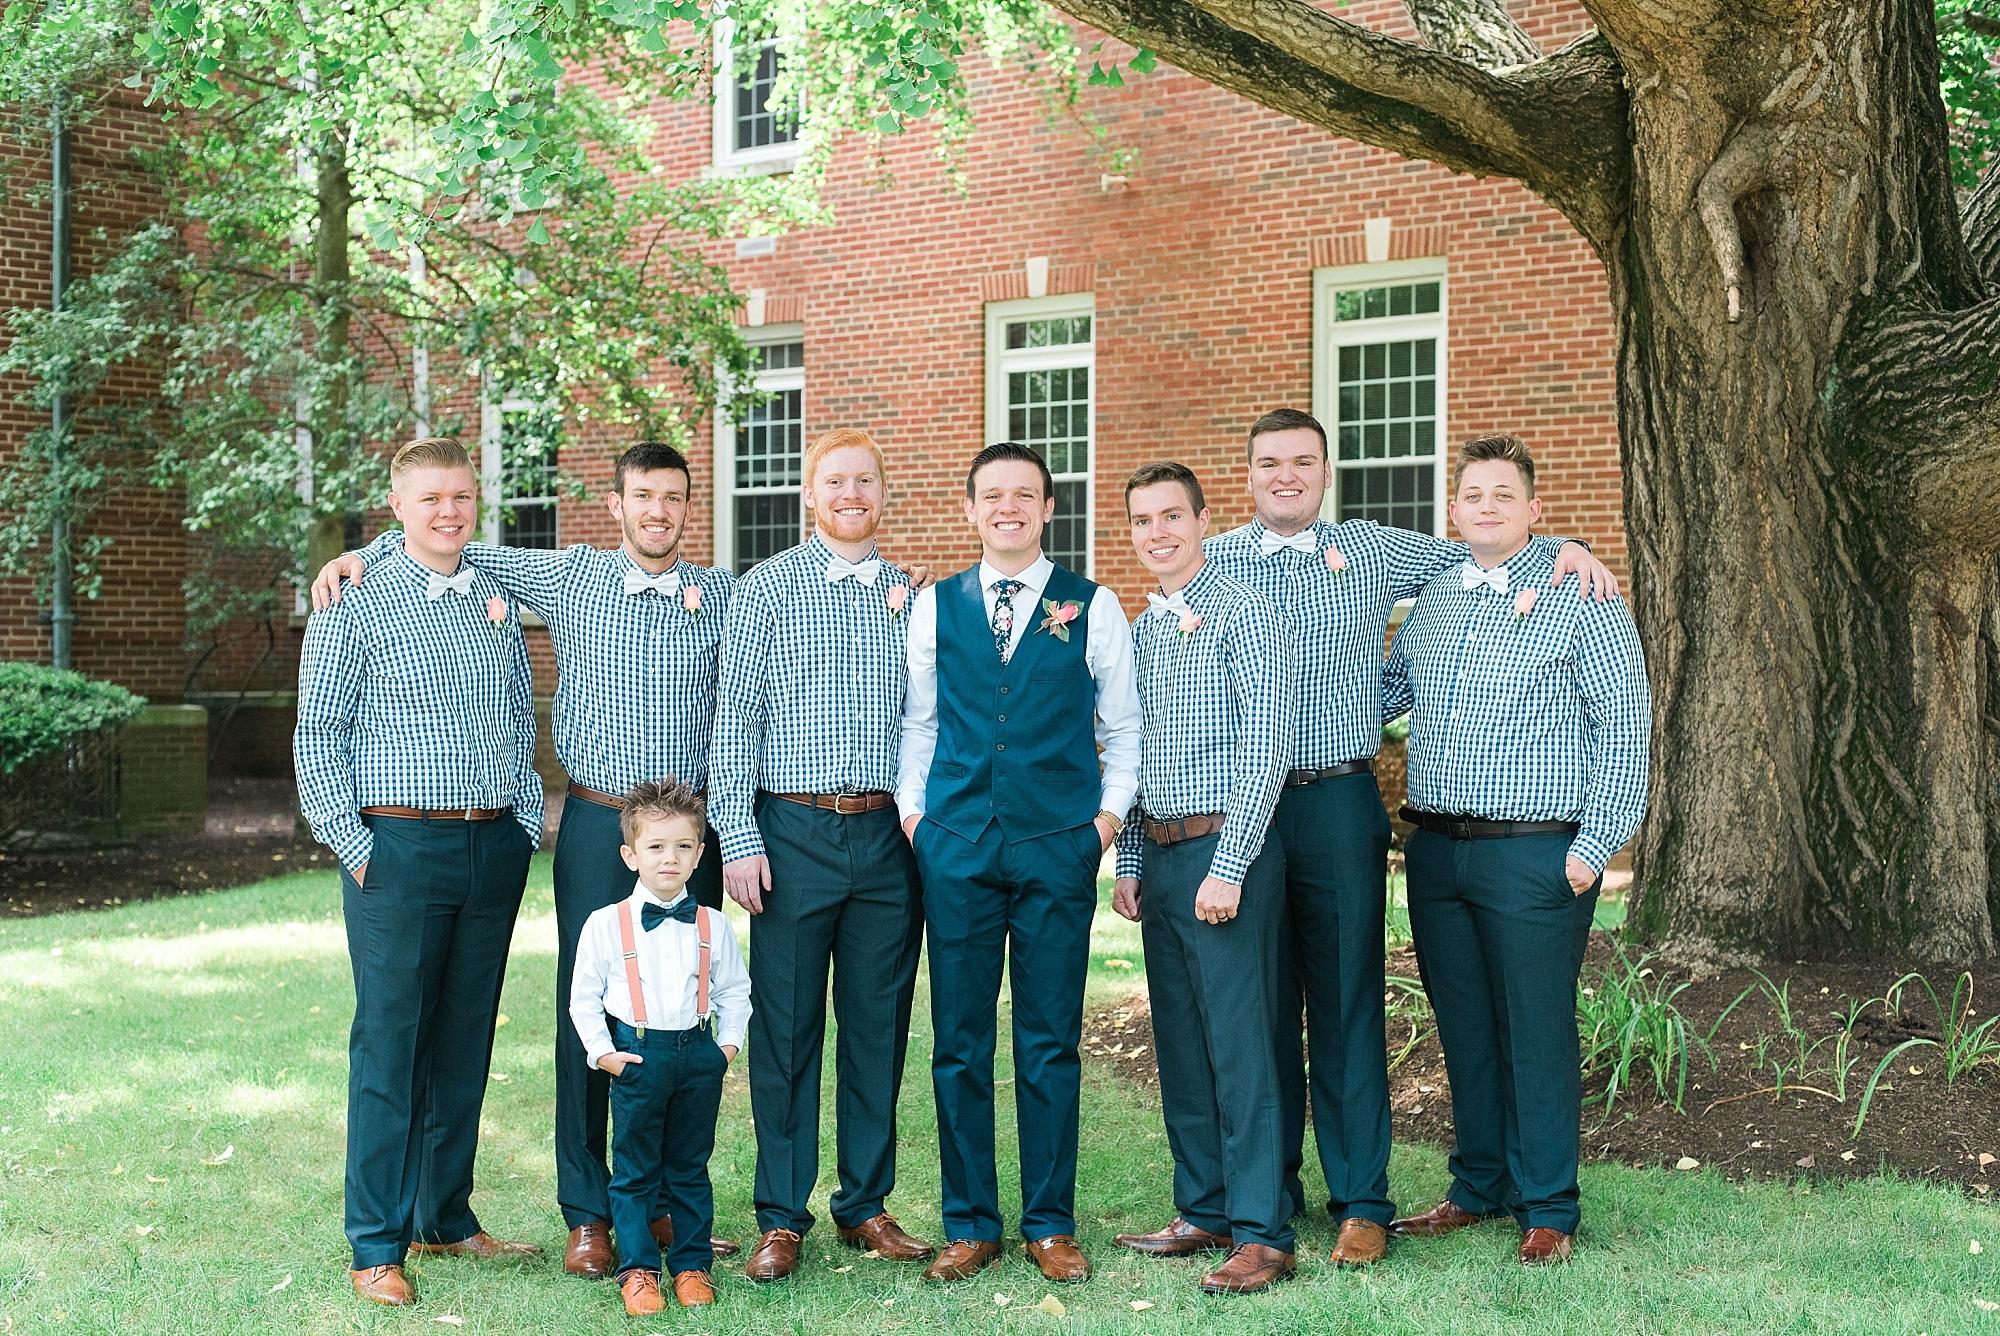 groom-groomsmen-in-blue